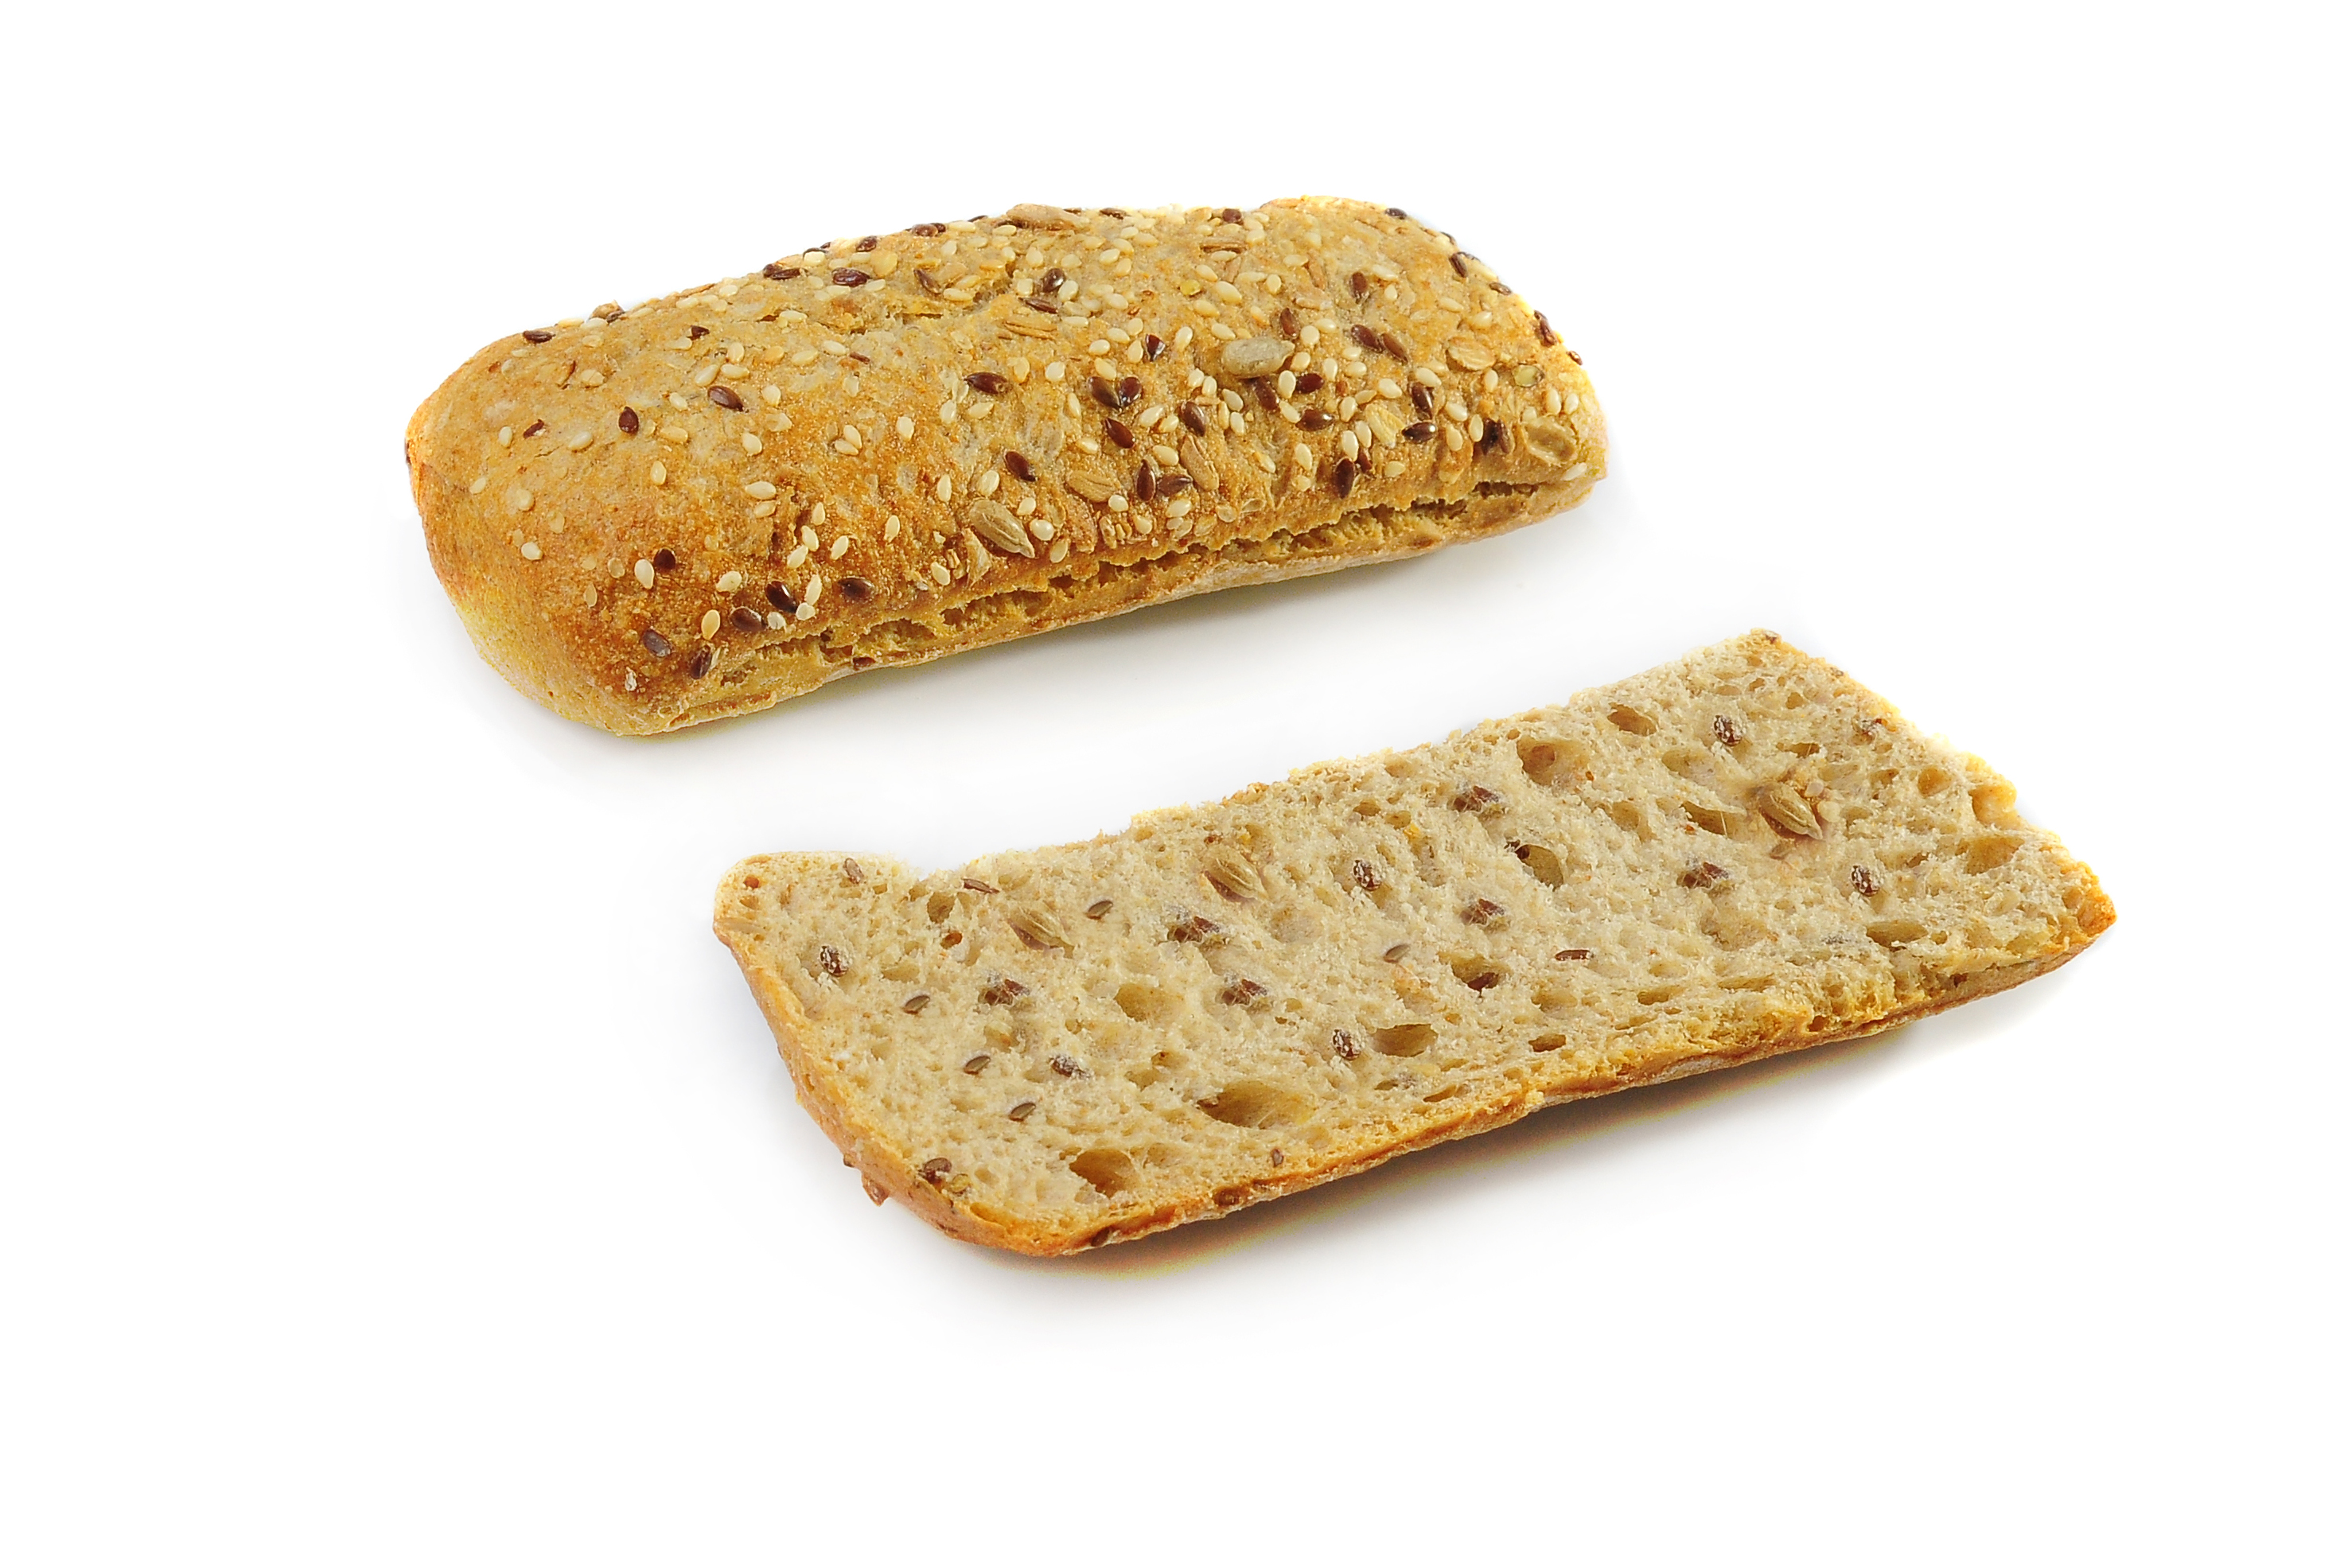 Minichapata de semillas - Minichapata con Semillas (10%)